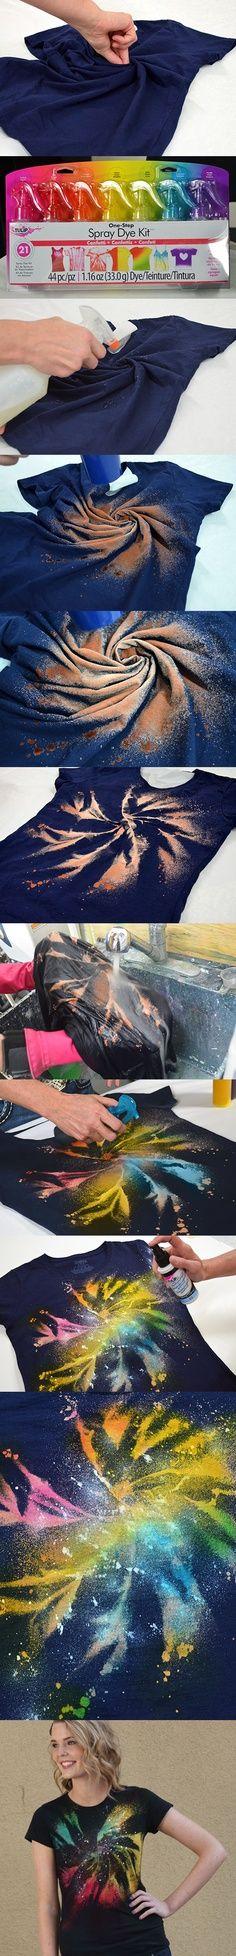 Reciclado de remera con lavandina y colores en Spry